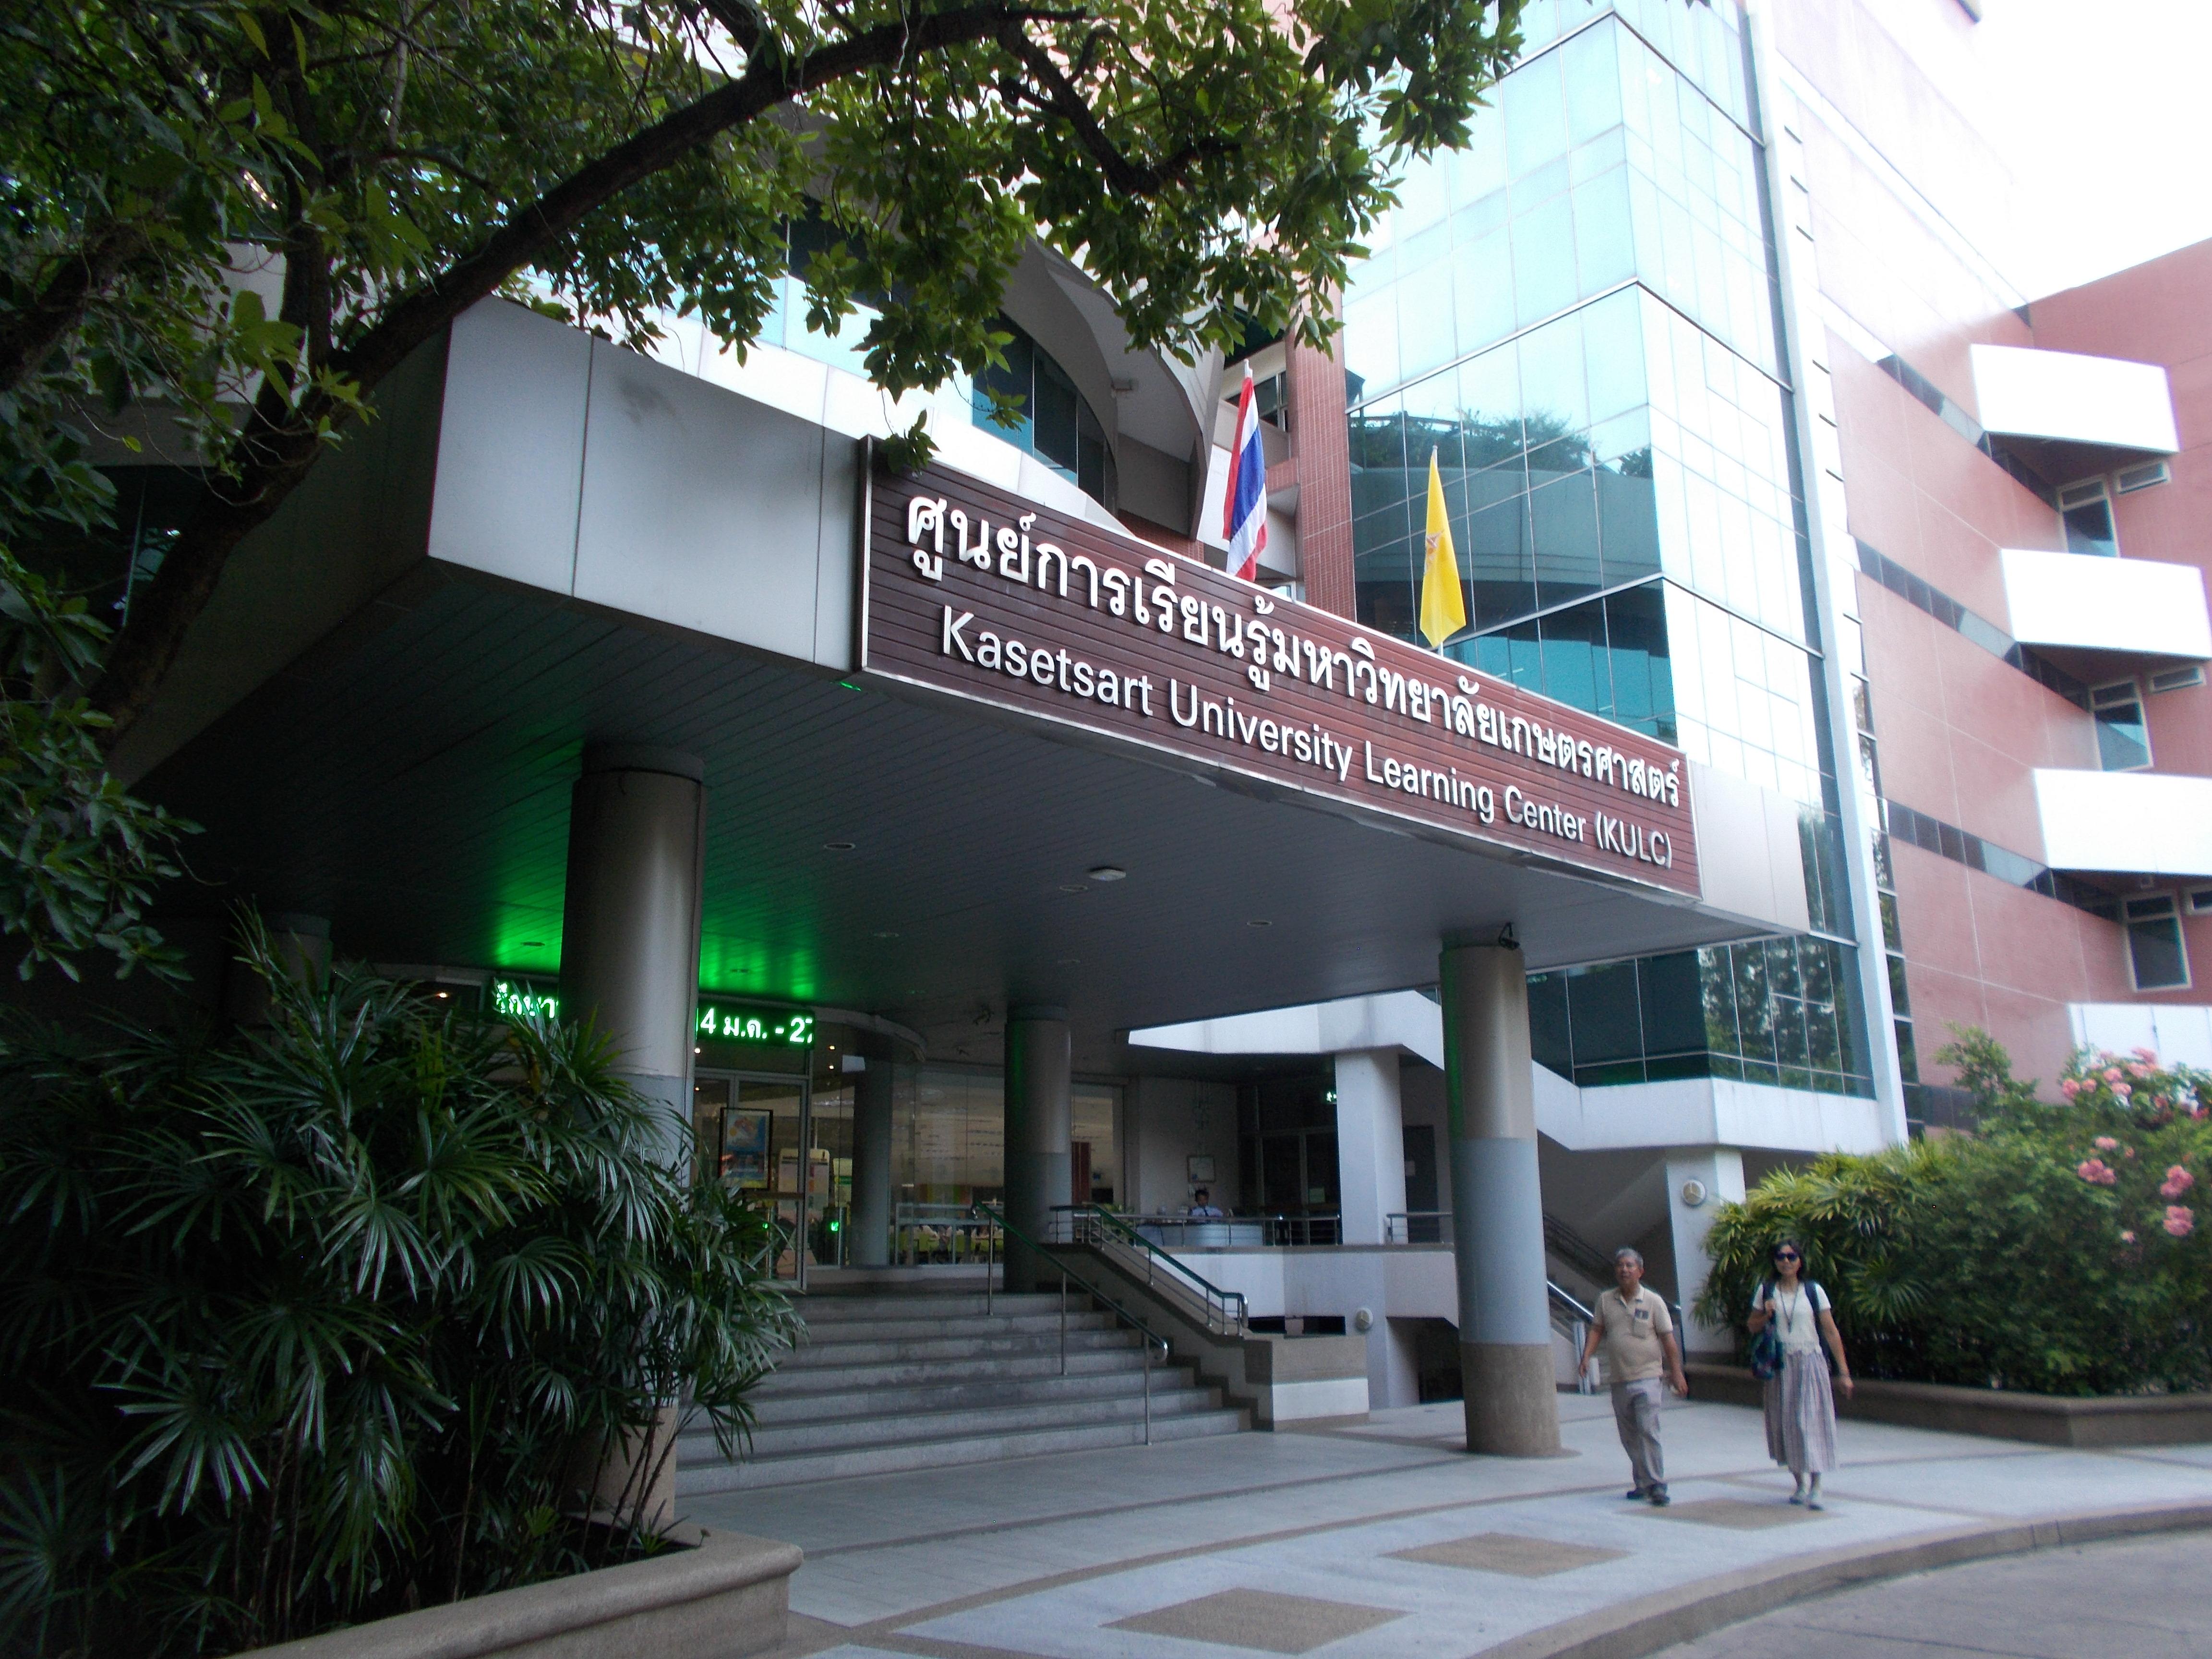 Thaiföldi egyetemi mindennapok